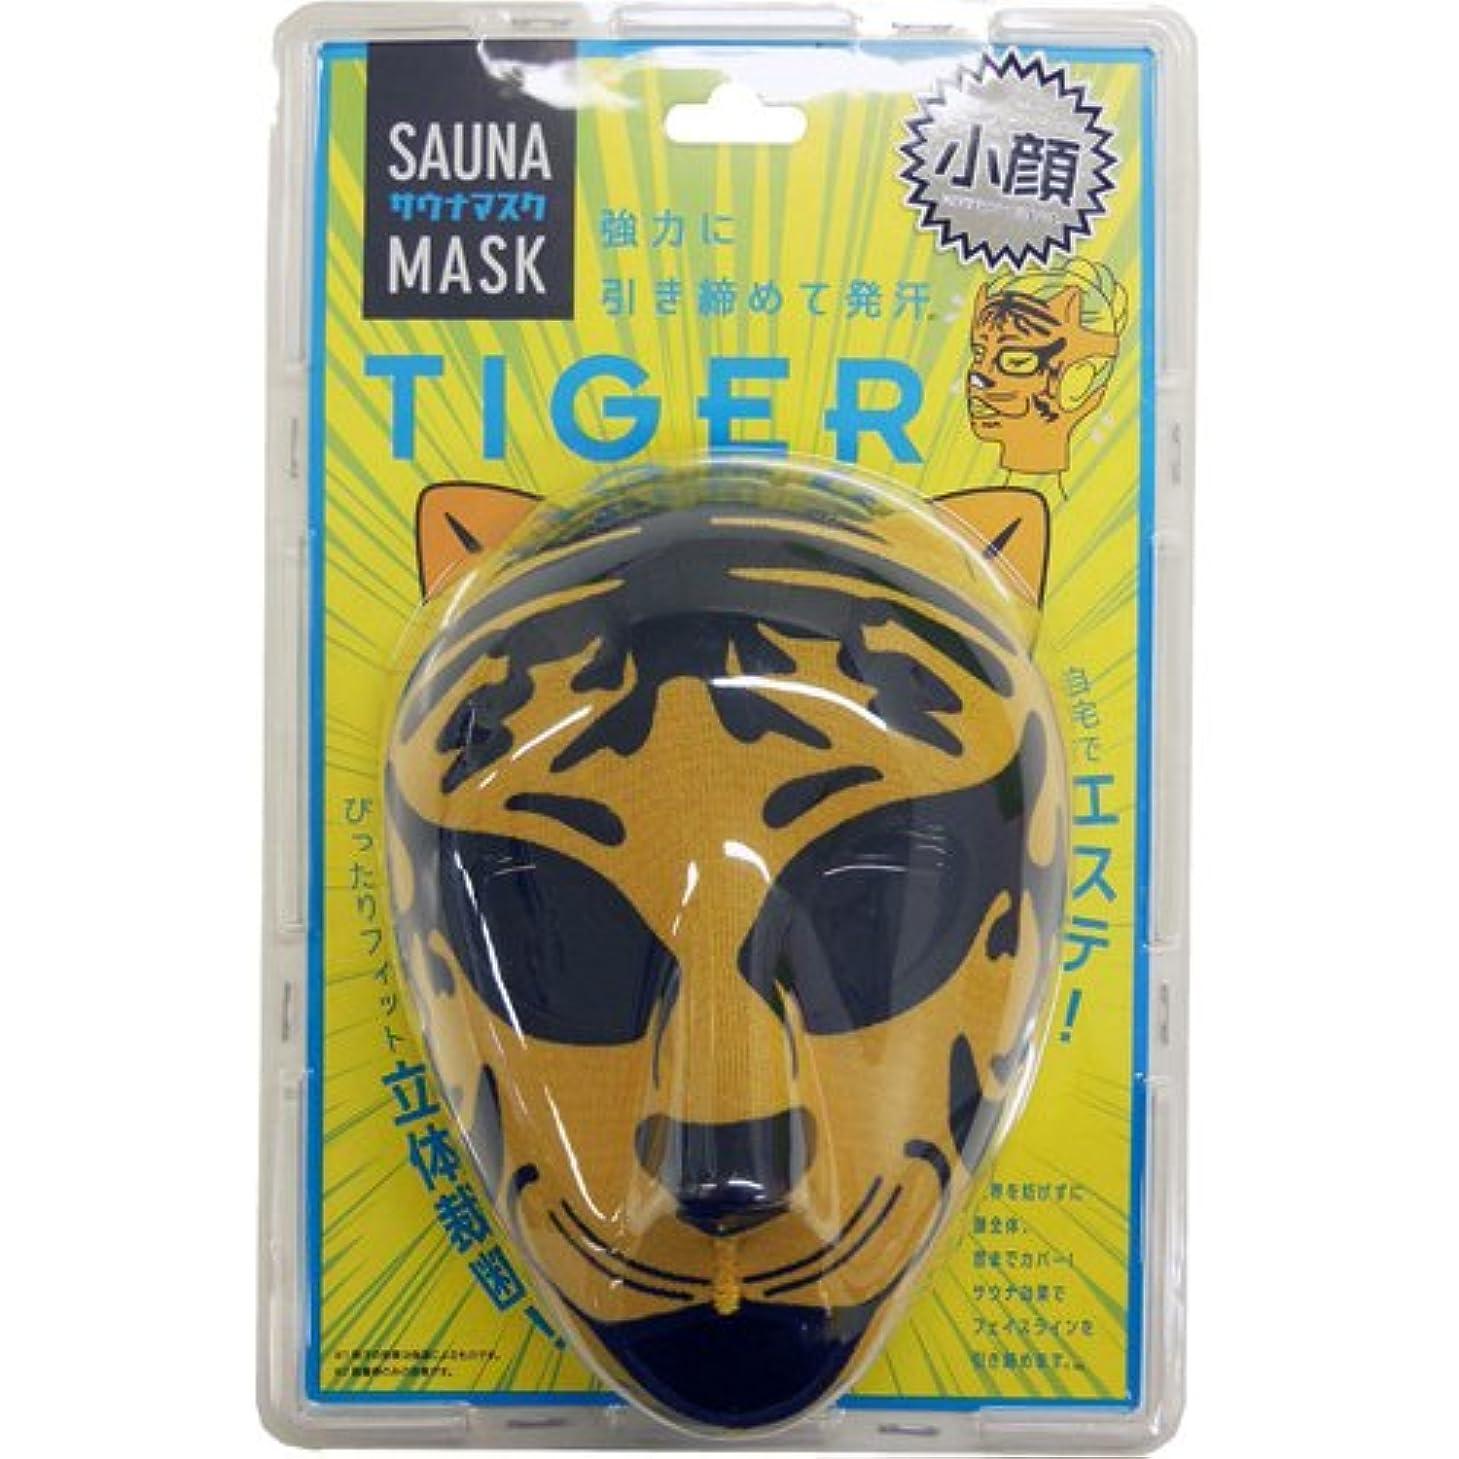 トランジスタ報いる魅力的であることへのアピールコジット サウナマスク TIGER (1個)